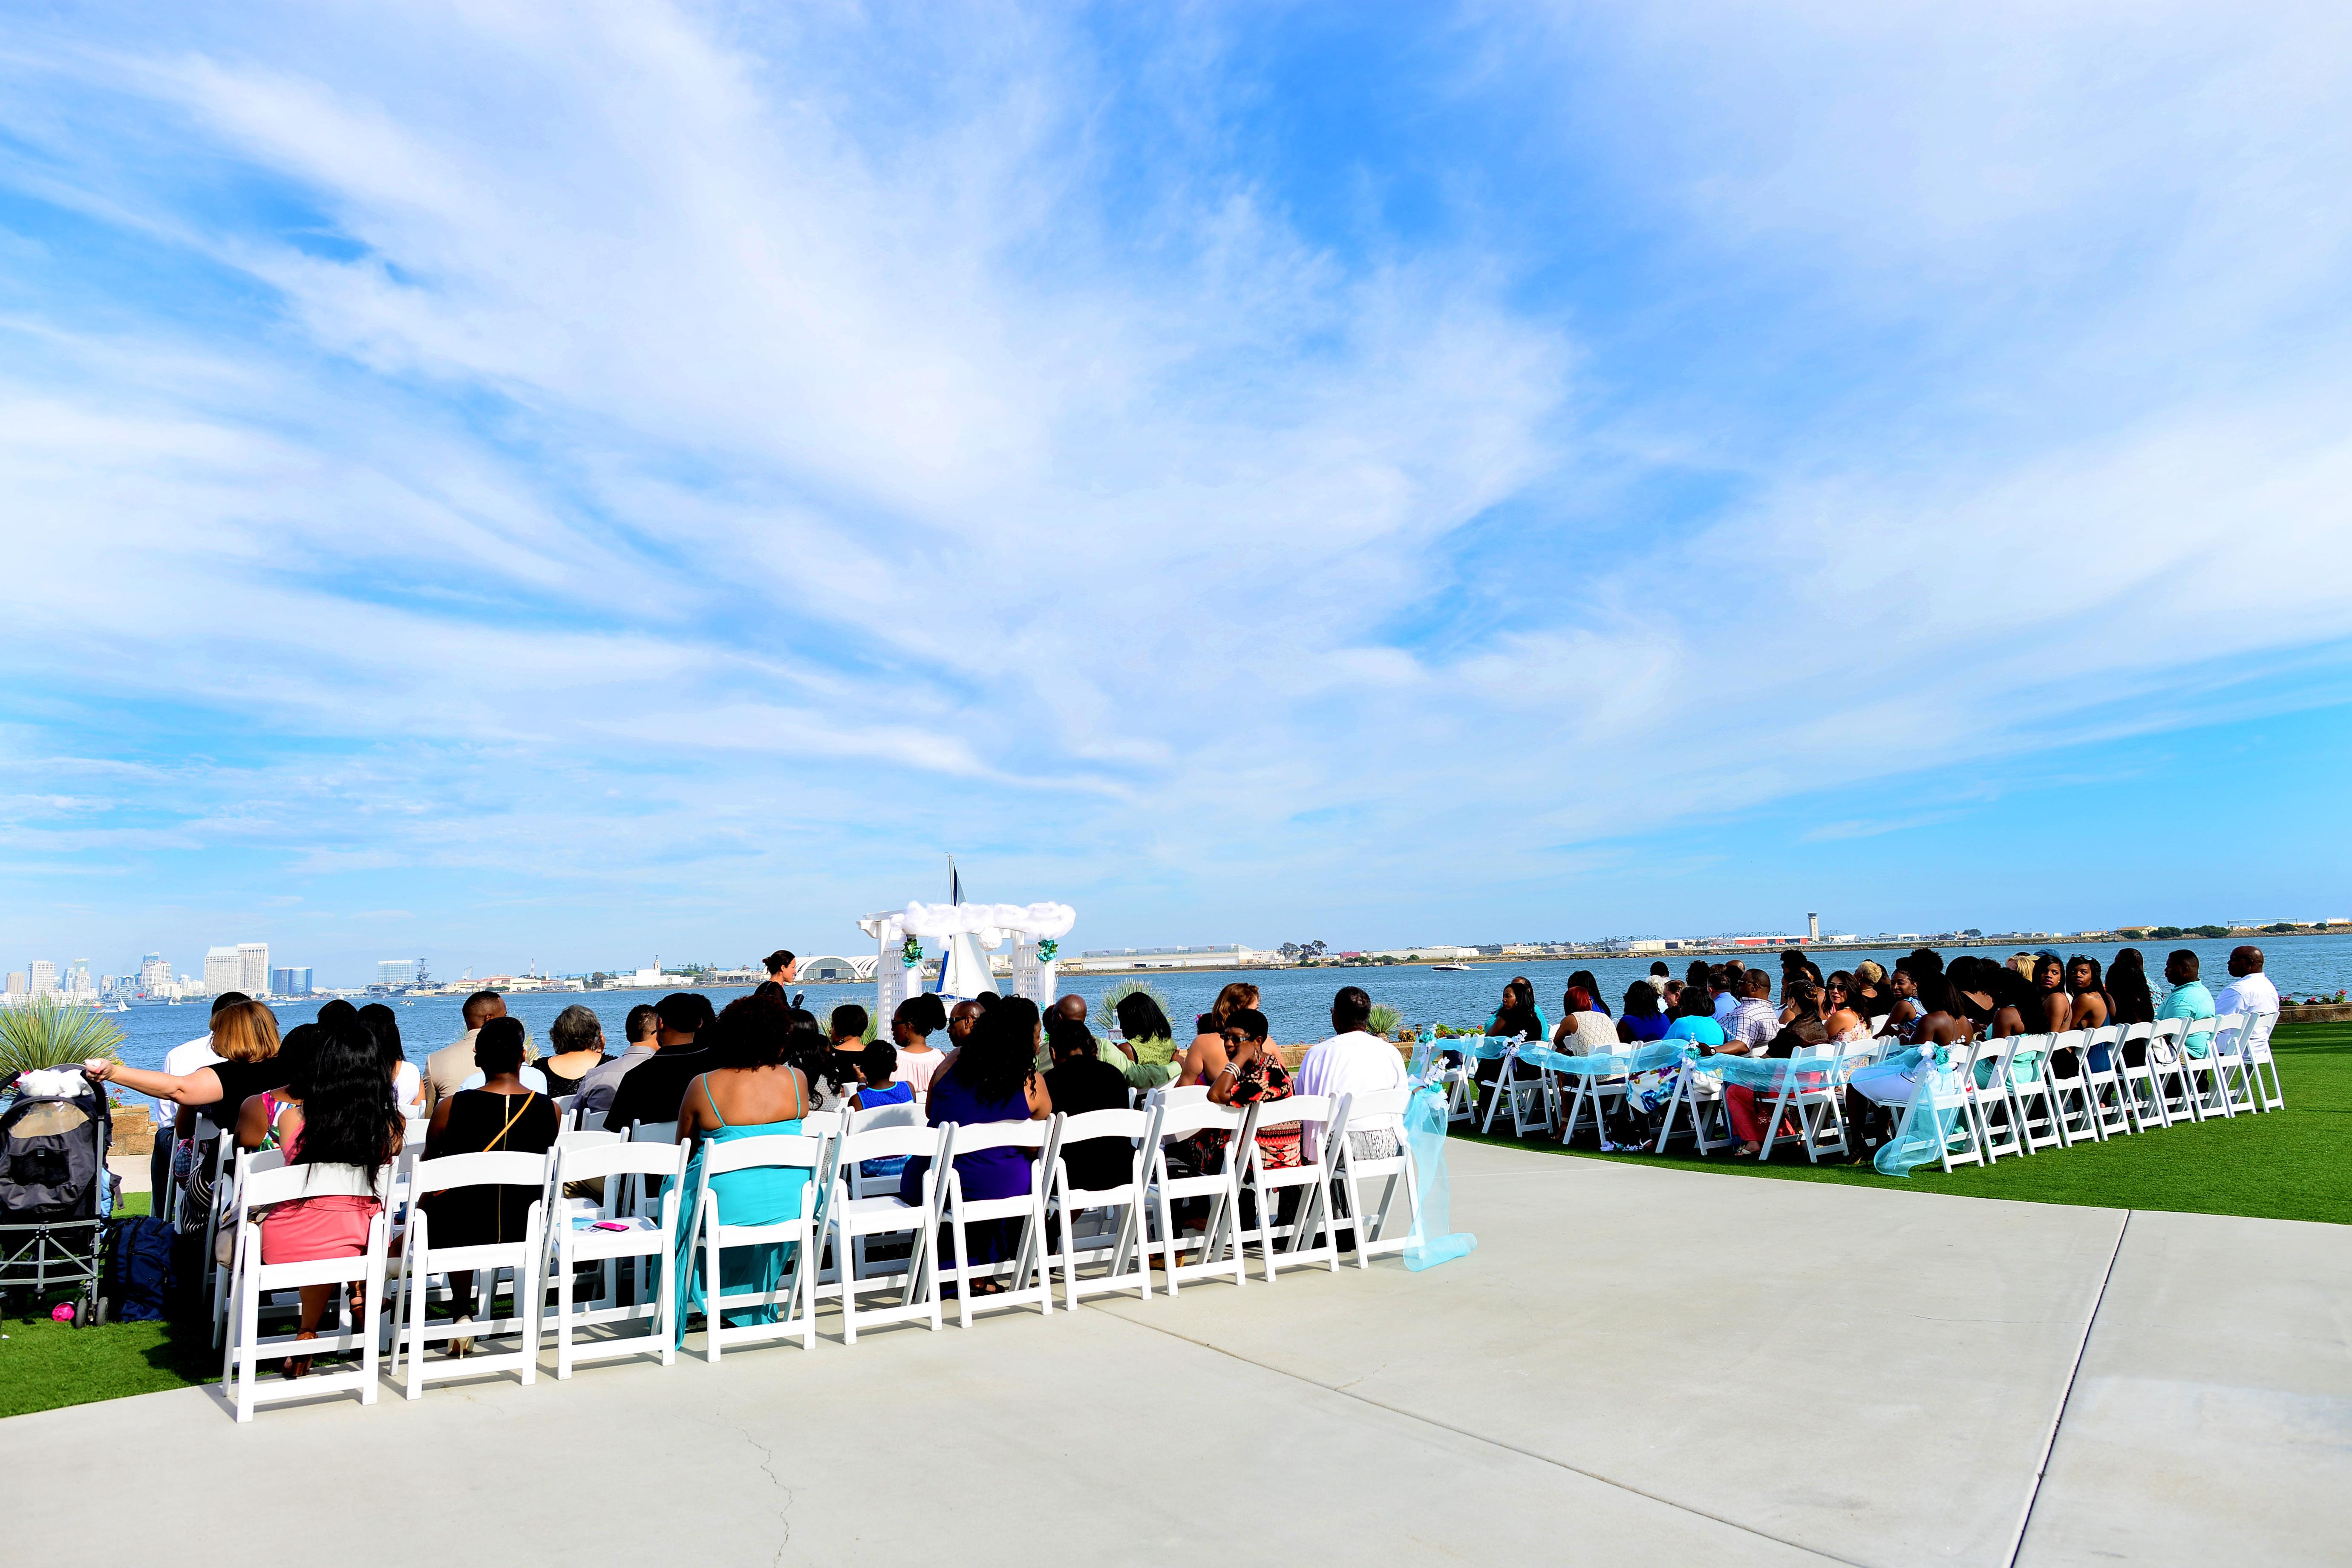 san diego ceremony, steph wong weddings, southern california wedding ceremony, beach ceremony, admiral kidd club